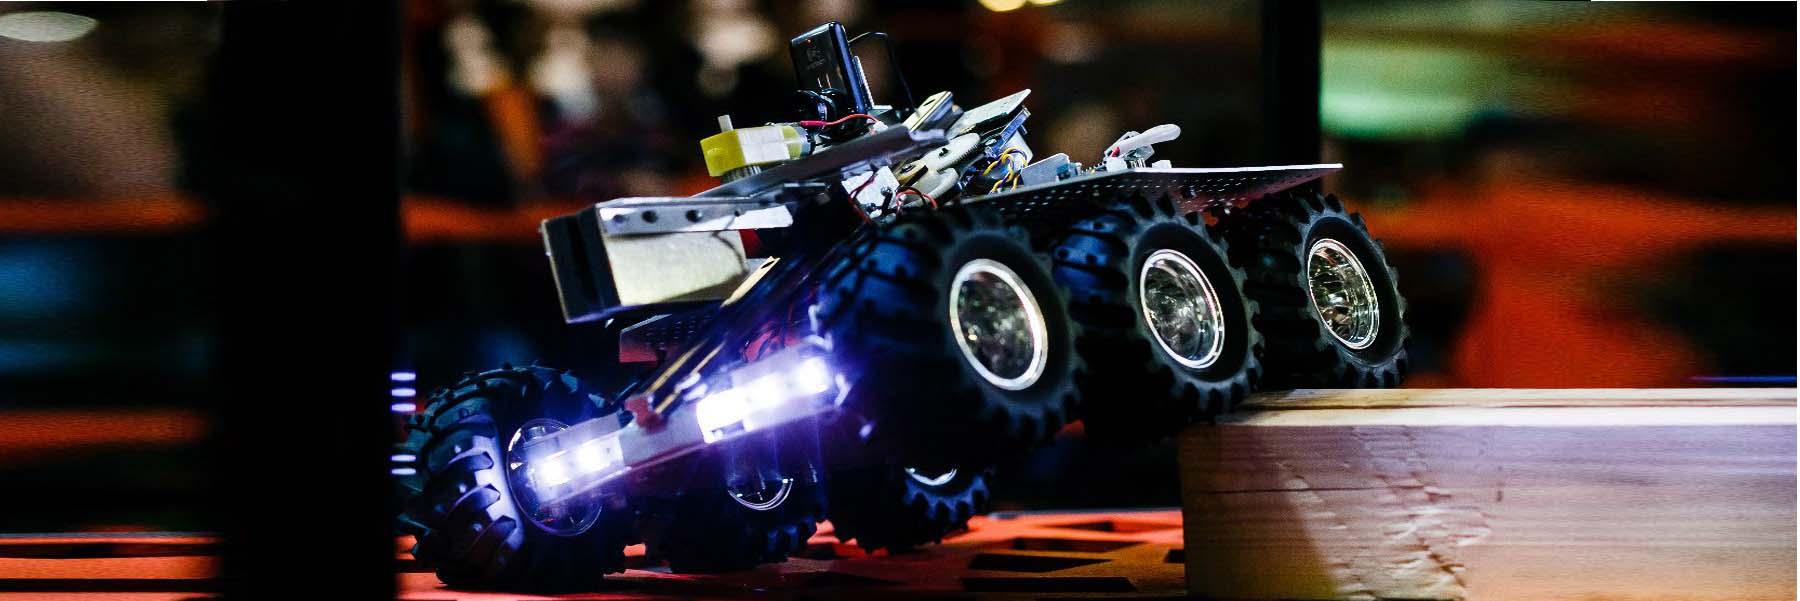 Разработка мобильных роботов